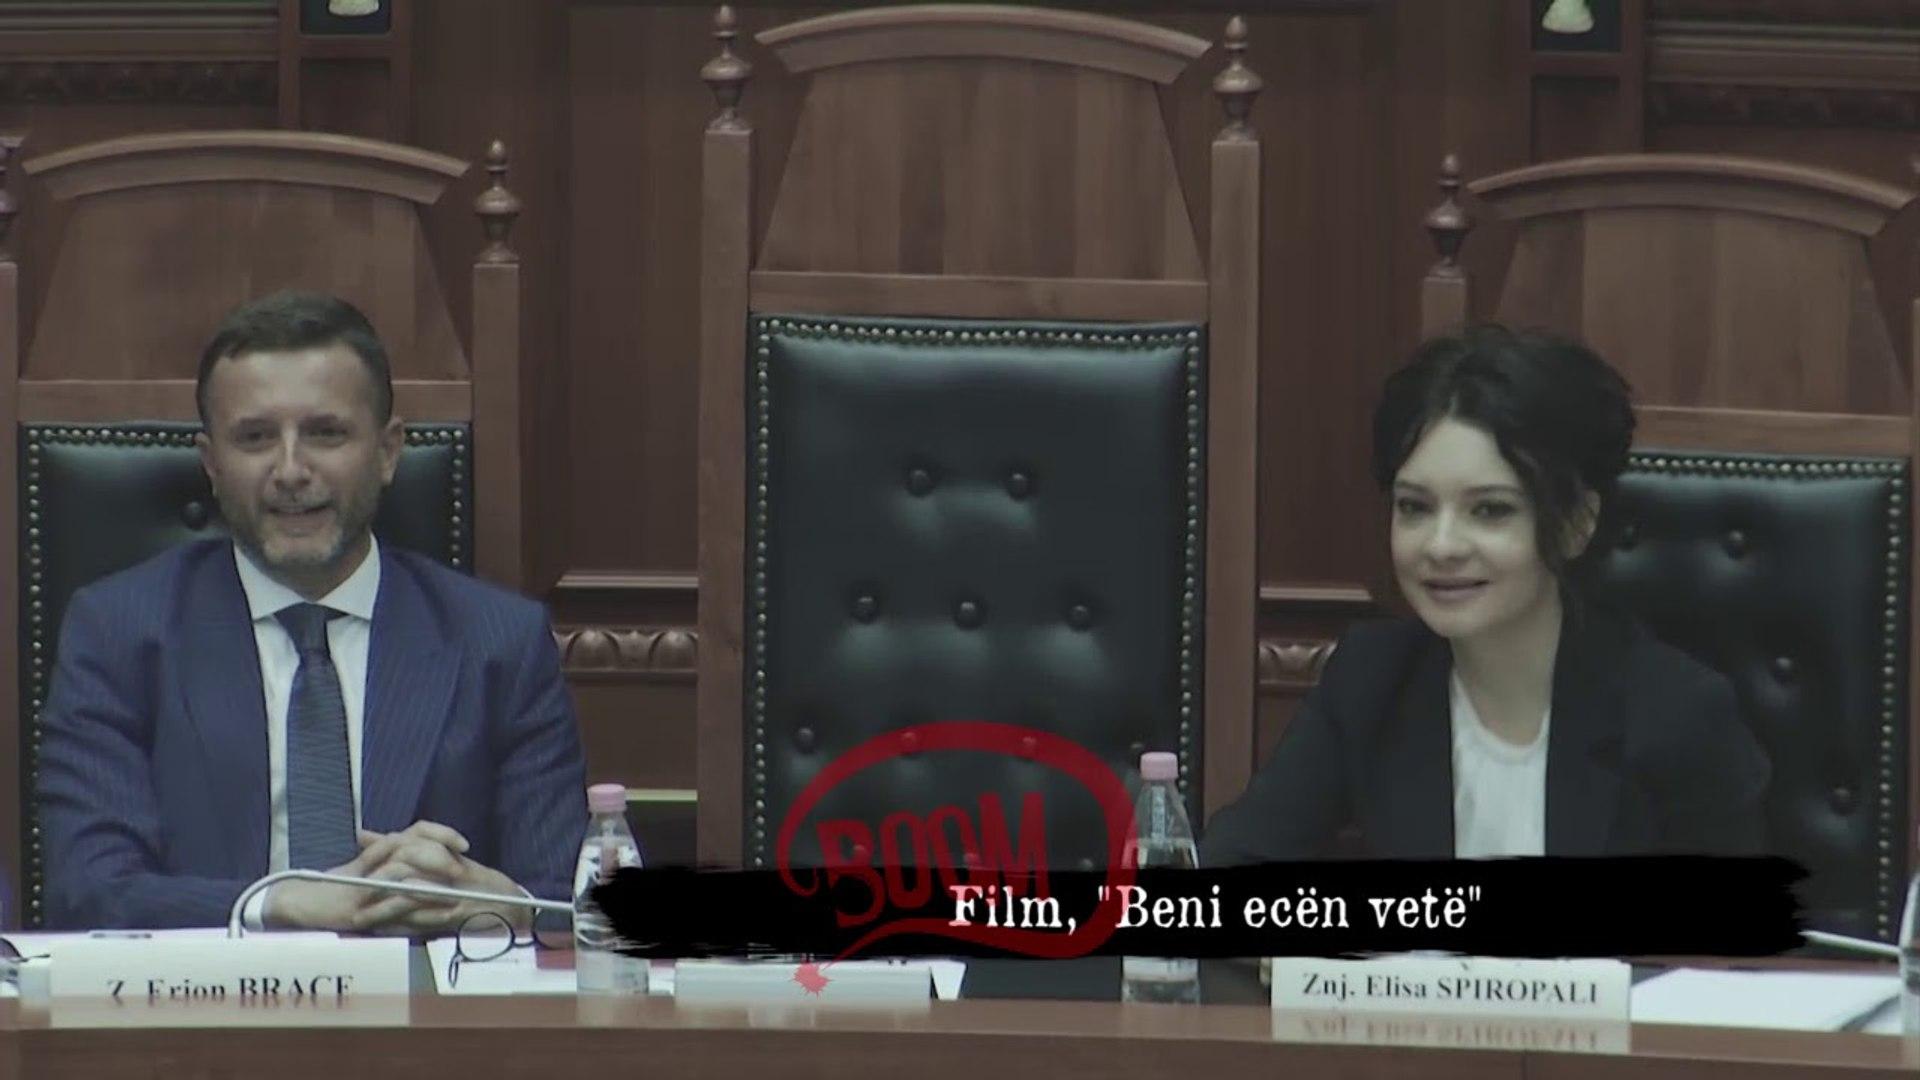 Boomflix - Rubrika ku politikanët janë 'aktorë', dhe aktorët 'dublant' - 14 qers